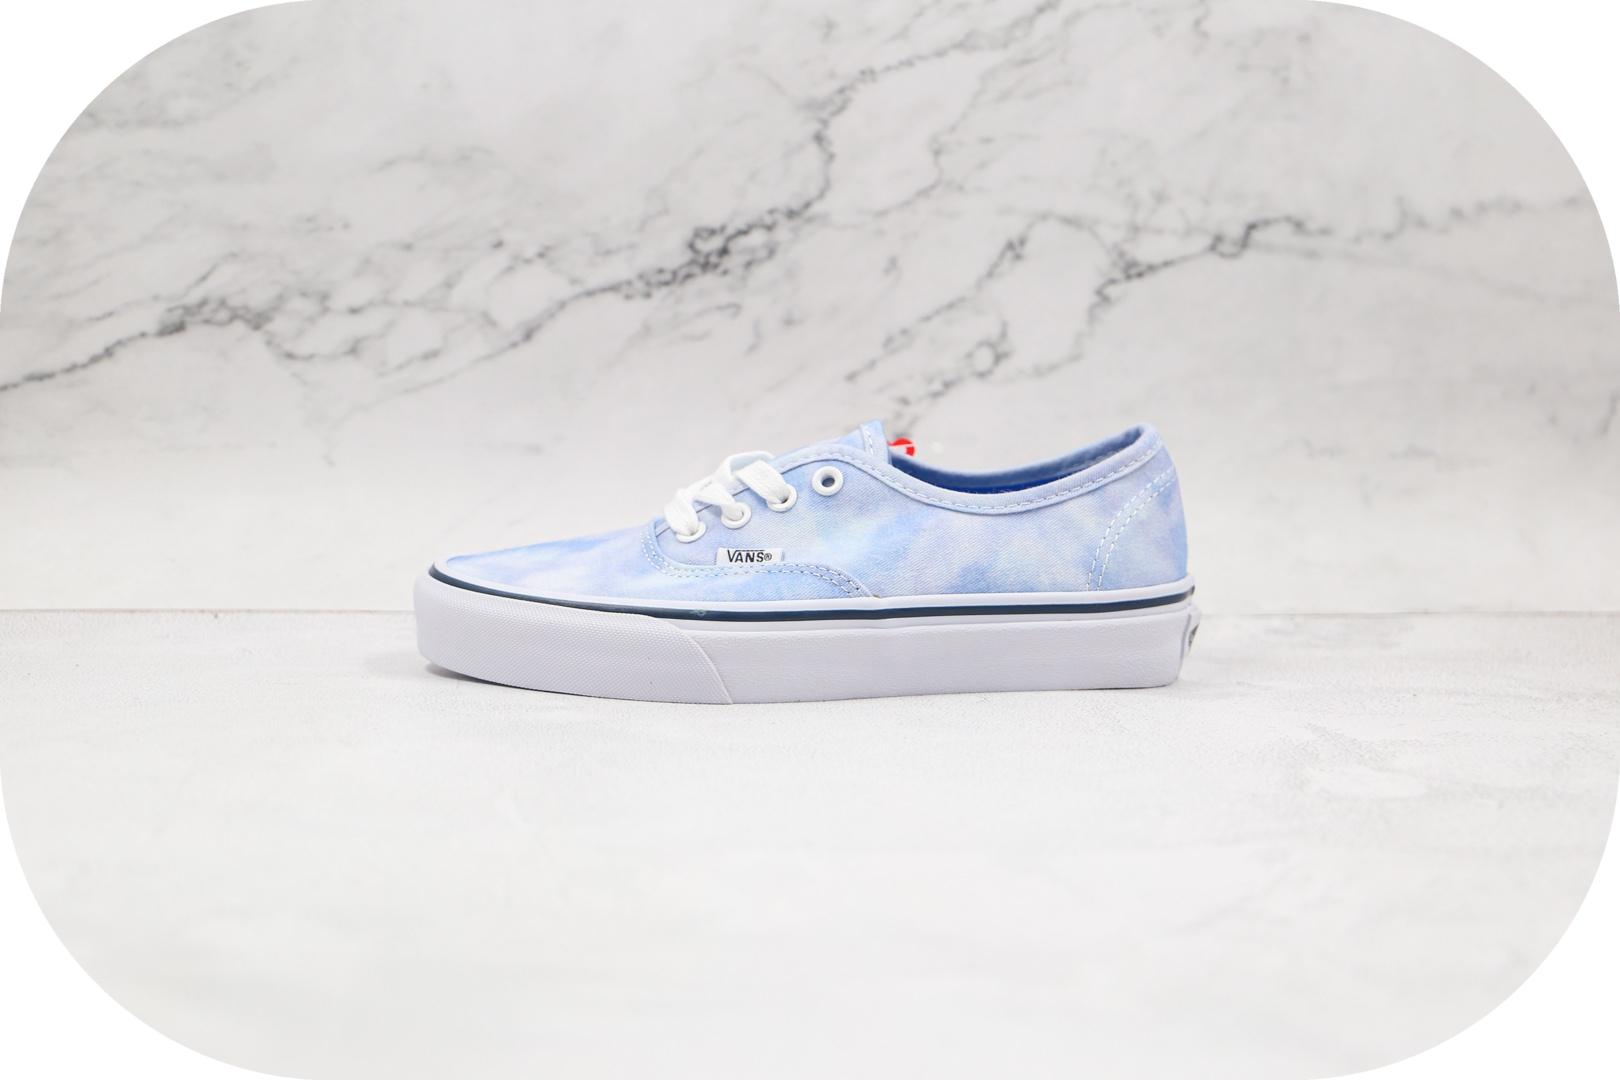 万斯Vans Authentic Lx公司级版本低帮硫化板鞋扎染帆布鞋蓝天白云奶蓝色原厂档案开发